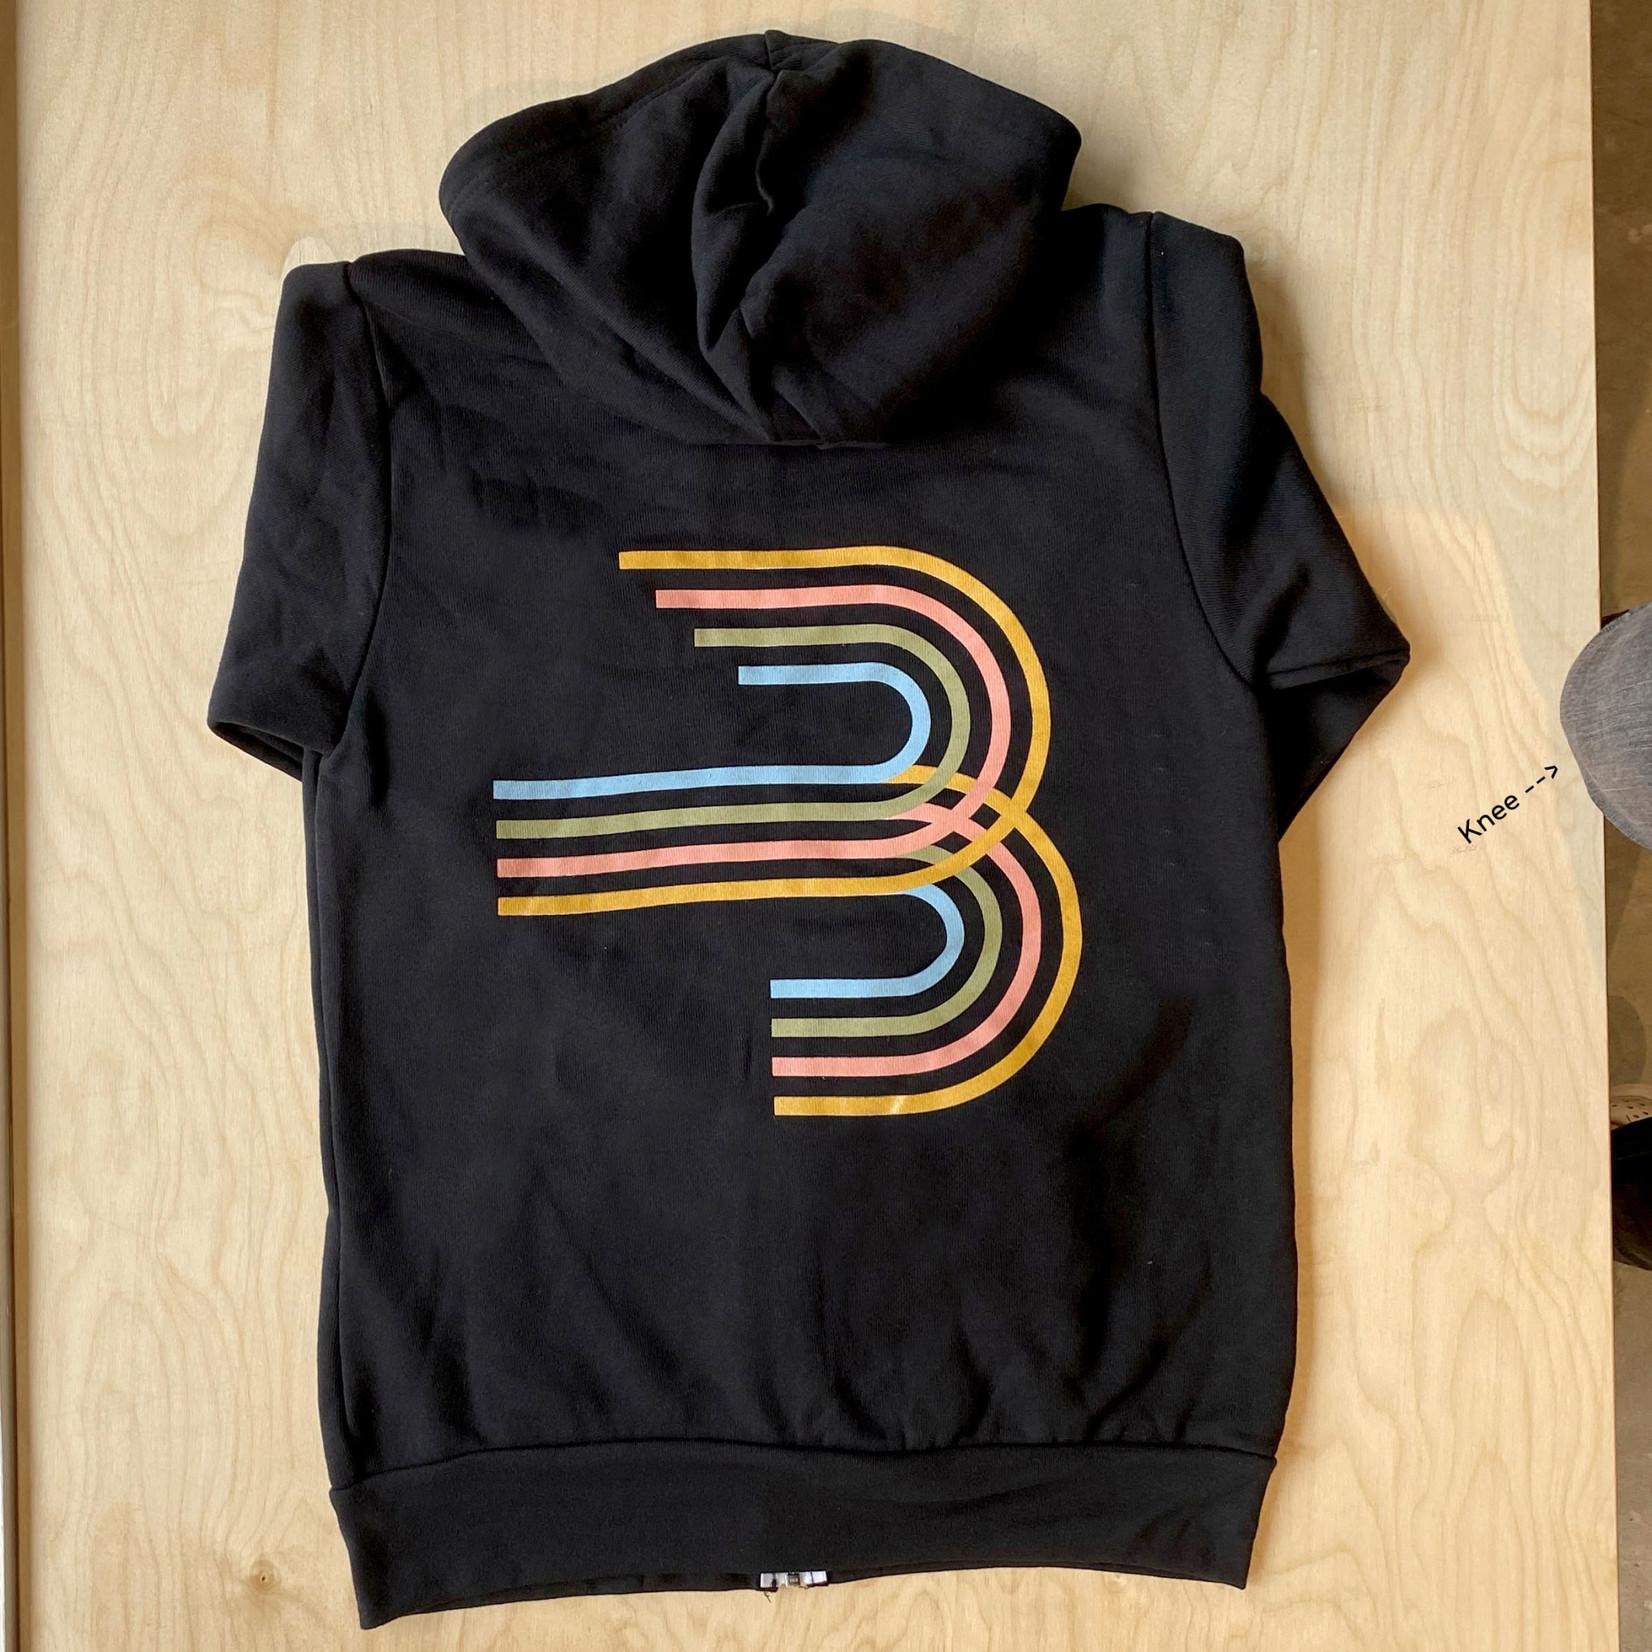 Bishop's Zip-Up Sweatshirt